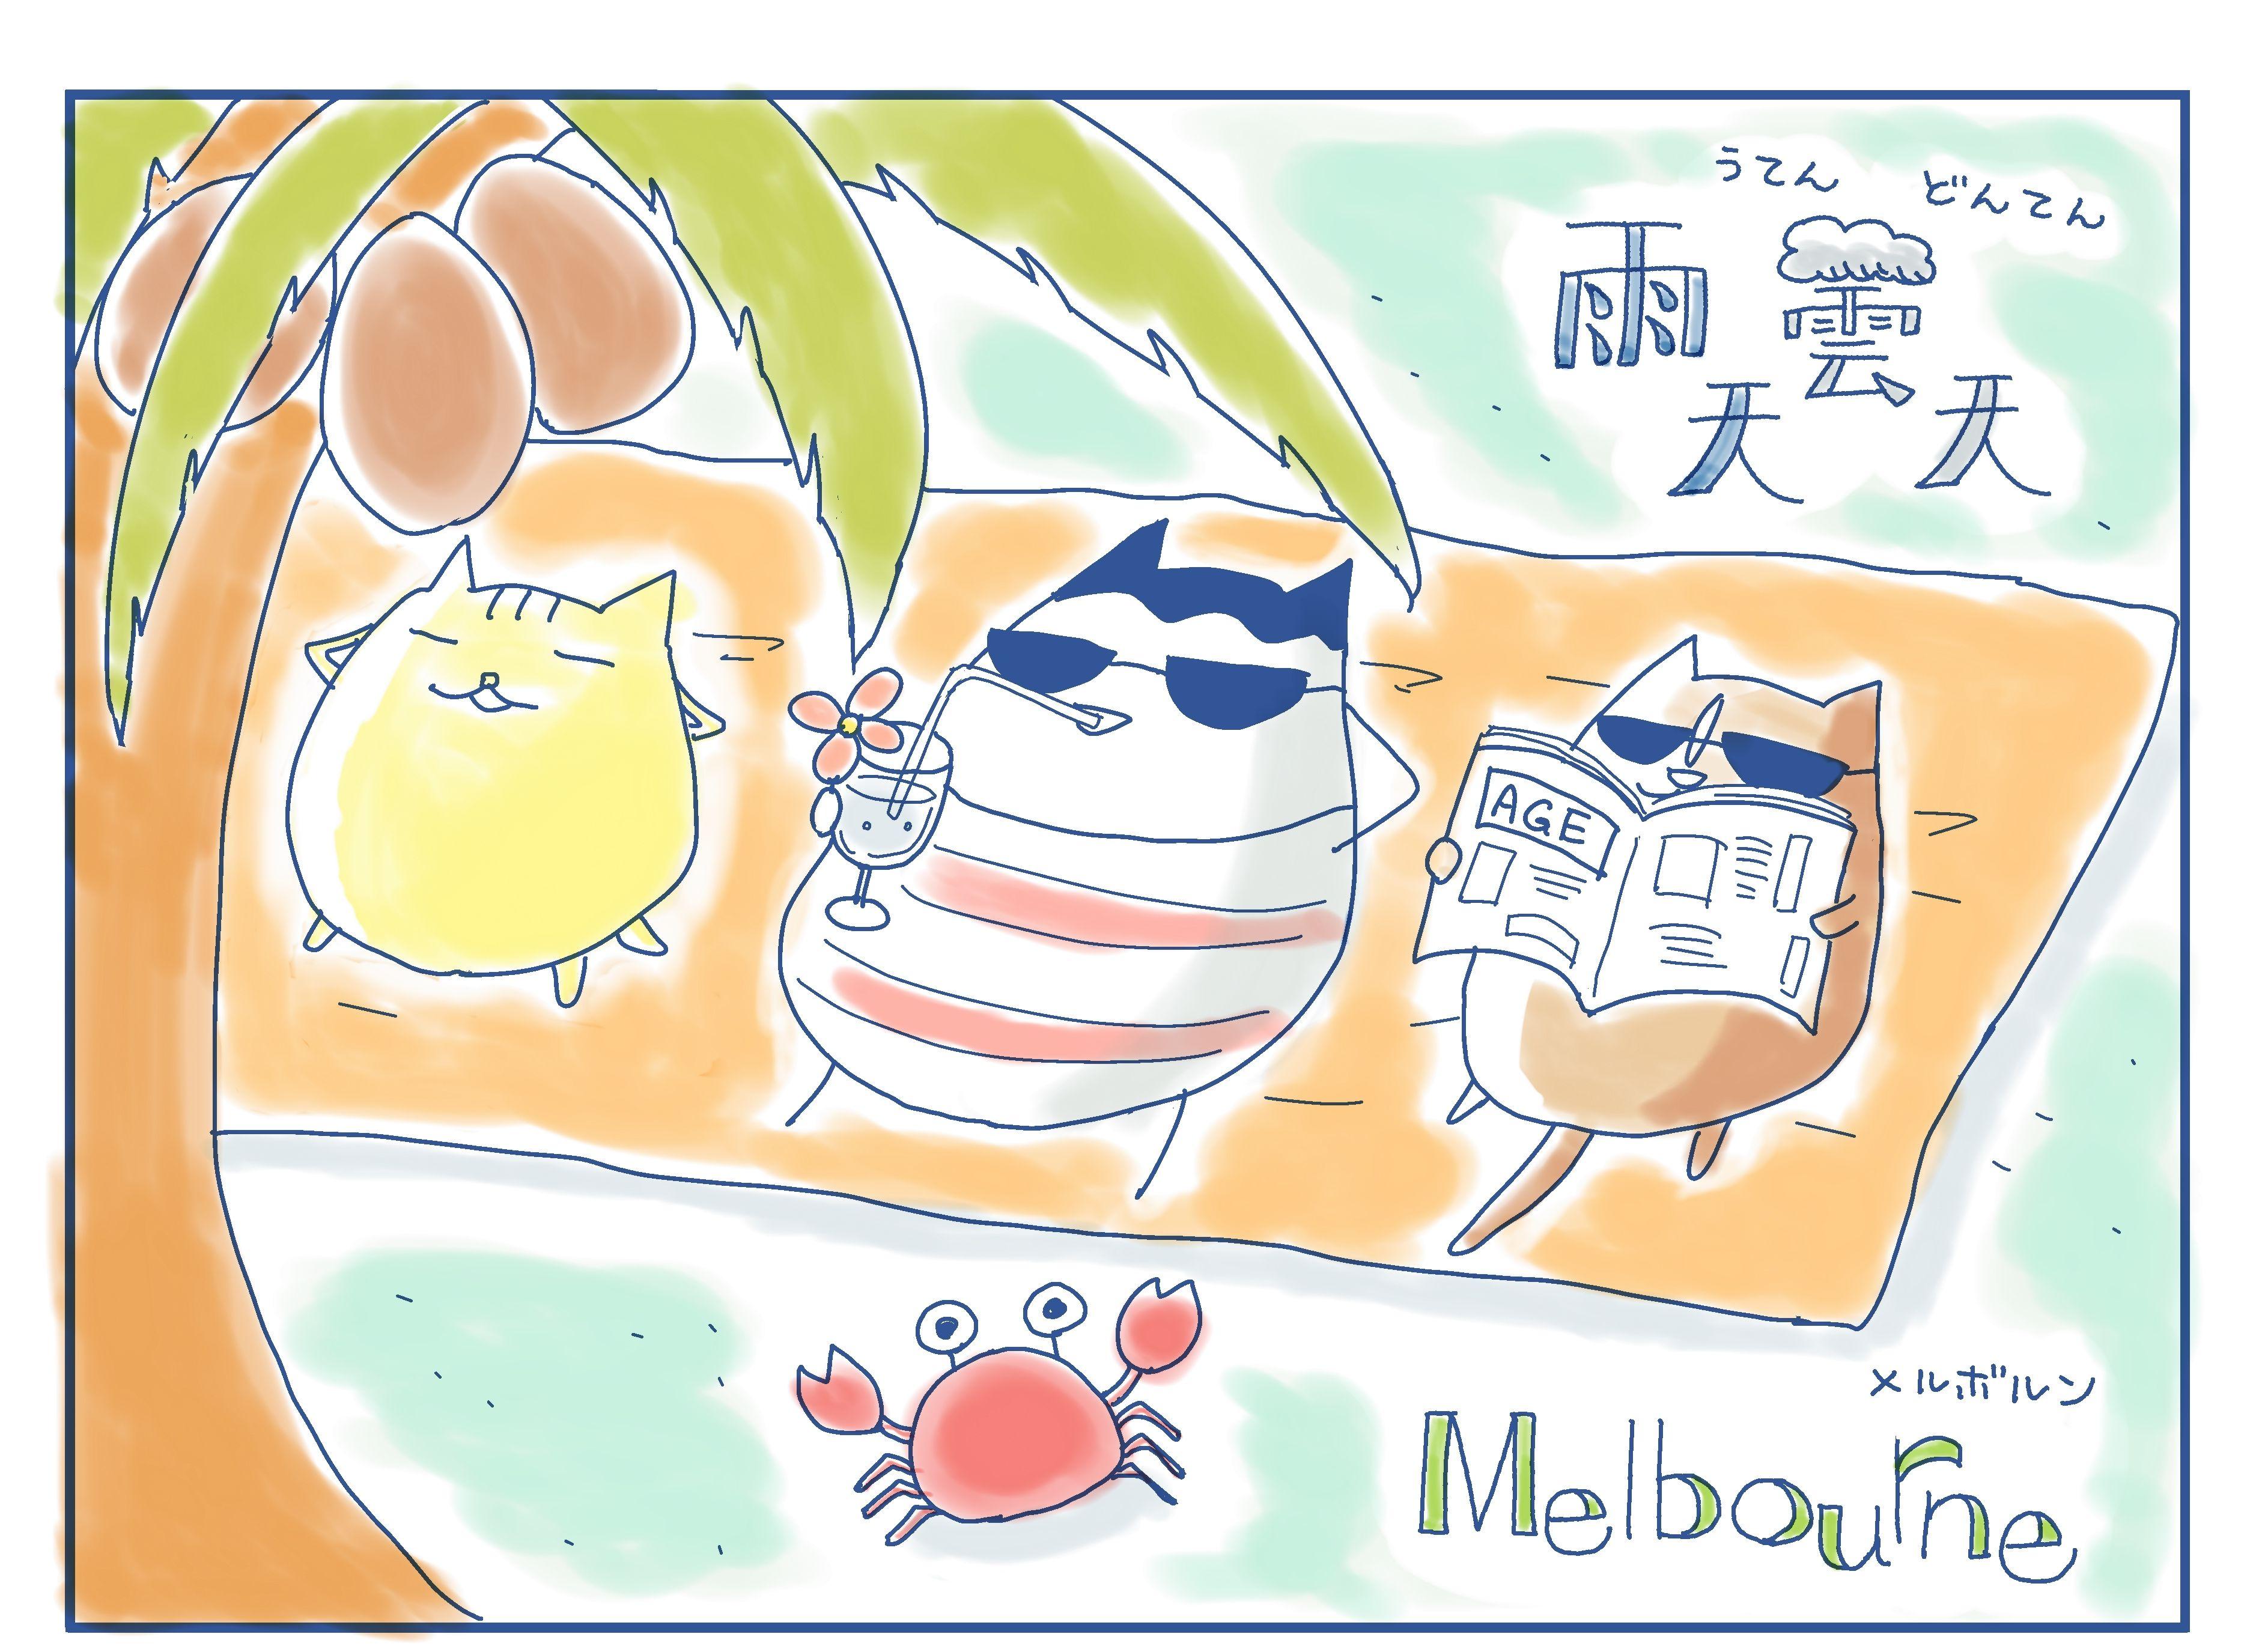 雨天曇天 Melbourne 「めっちゃホリデイ☆」&「海の家」